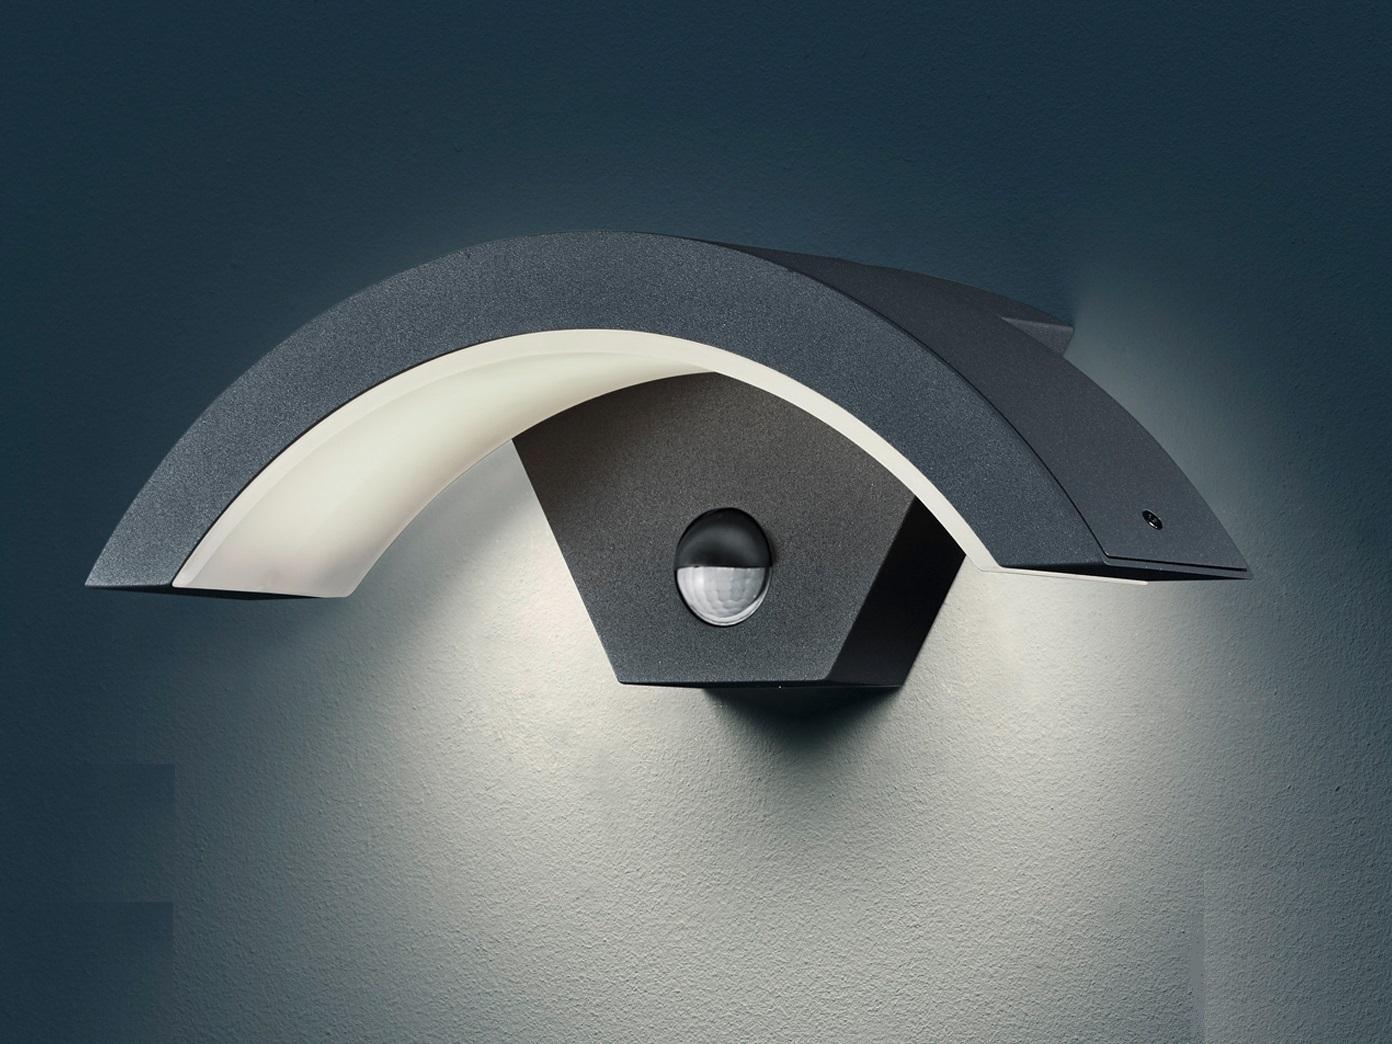 Außenleuchte OHIO schwarz, Bewegungssensor, IP54, 6 W LED, H. 10 cm